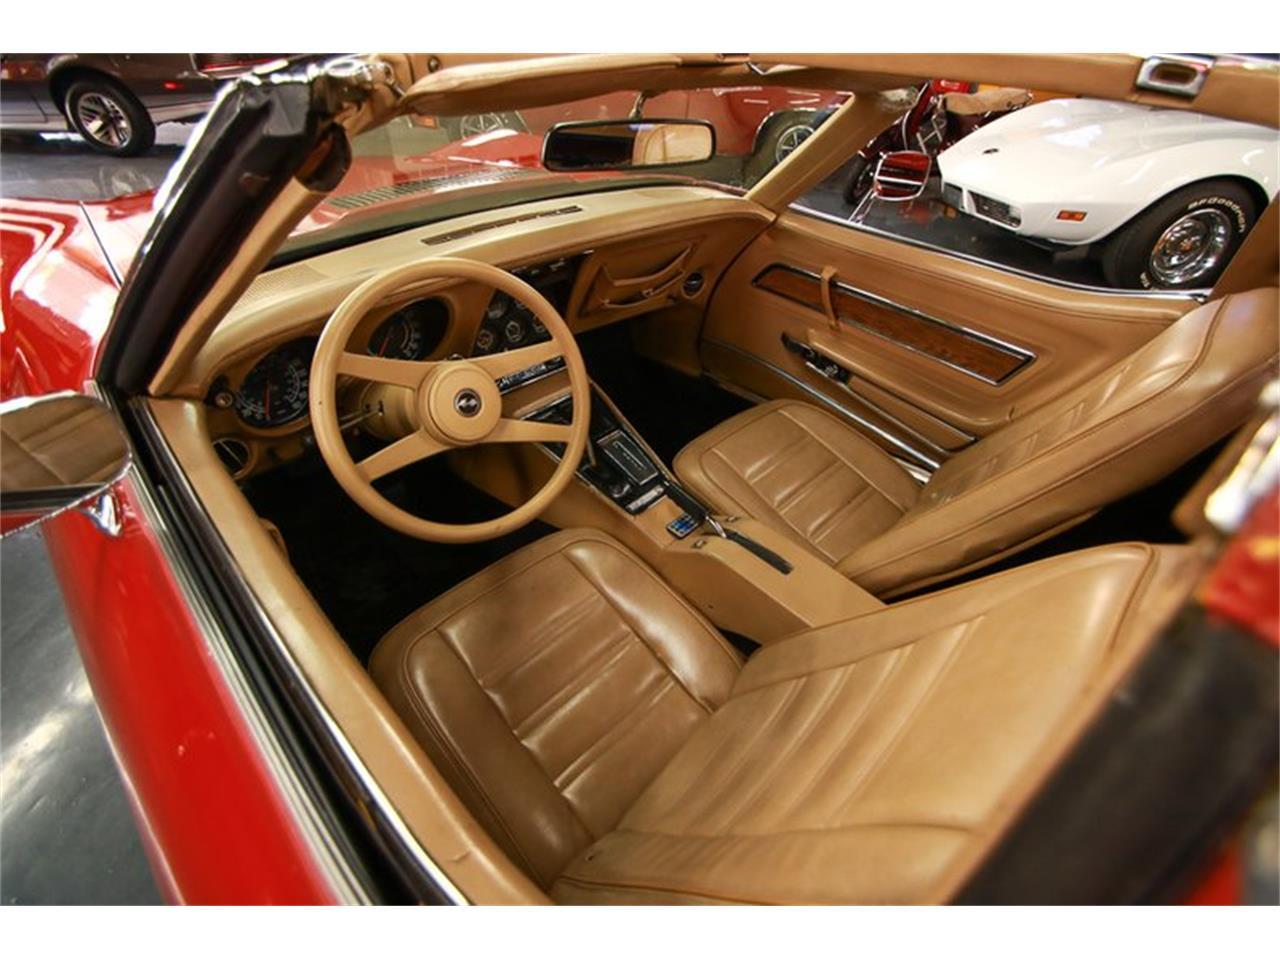 Large Picture of '76 Chevrolet Corvette located in Ohio - $9,900.00 - QHTE